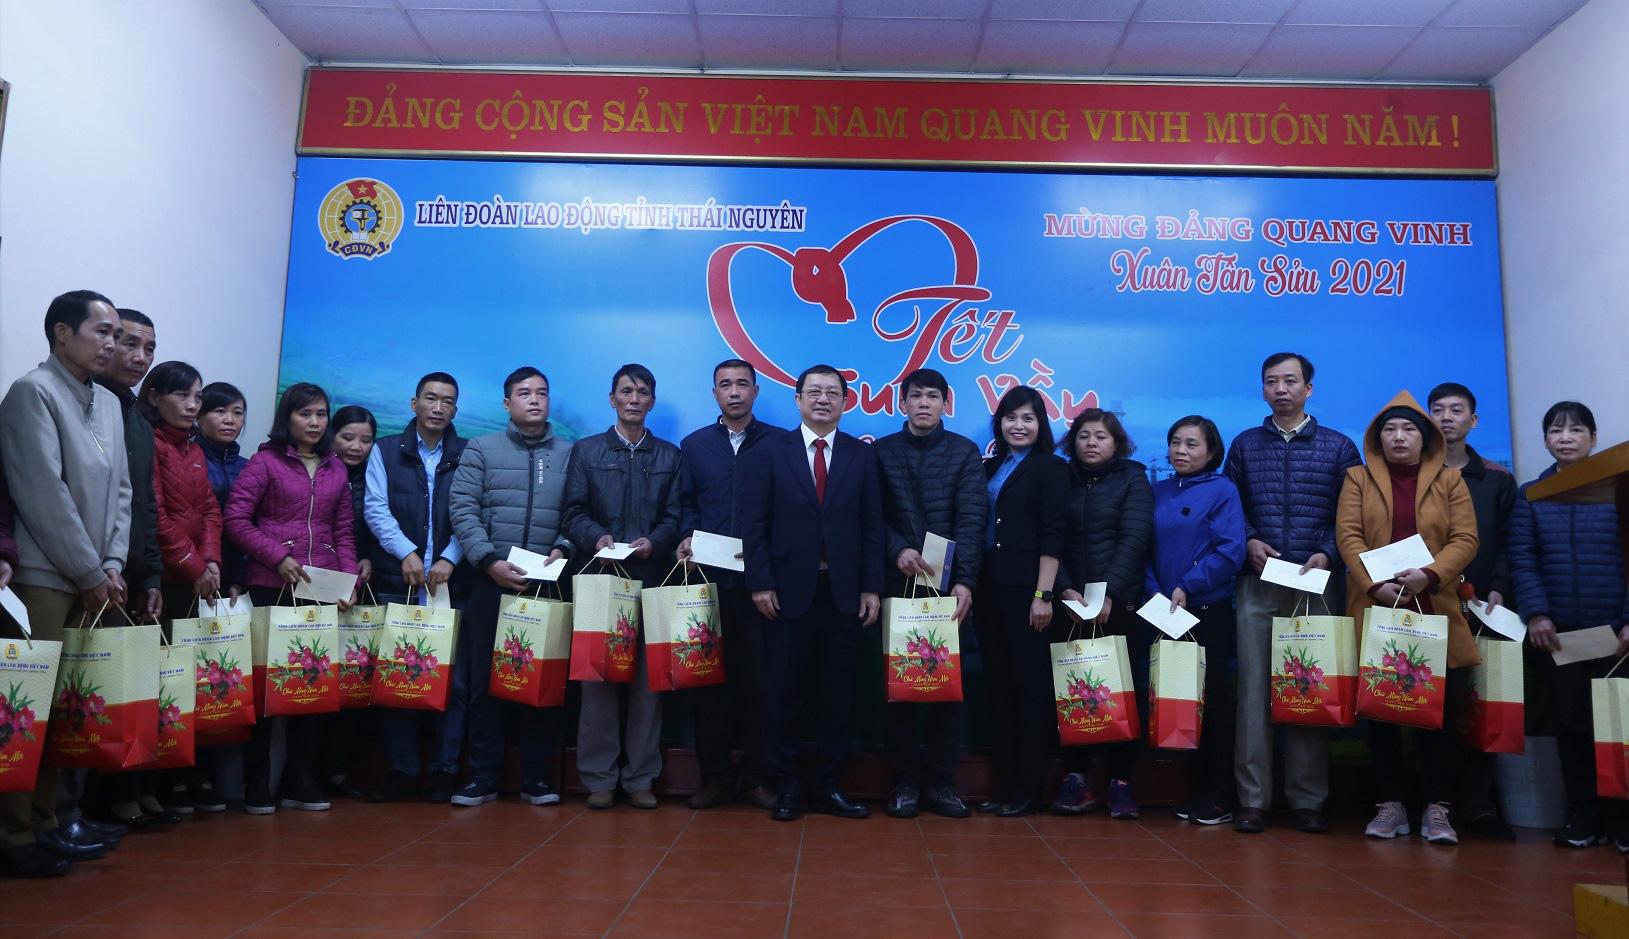 Bộ trưởng Bộ Khoa học và Công nghệ làm việc tại tỉnh Thái Nguyên - Ảnh 4.